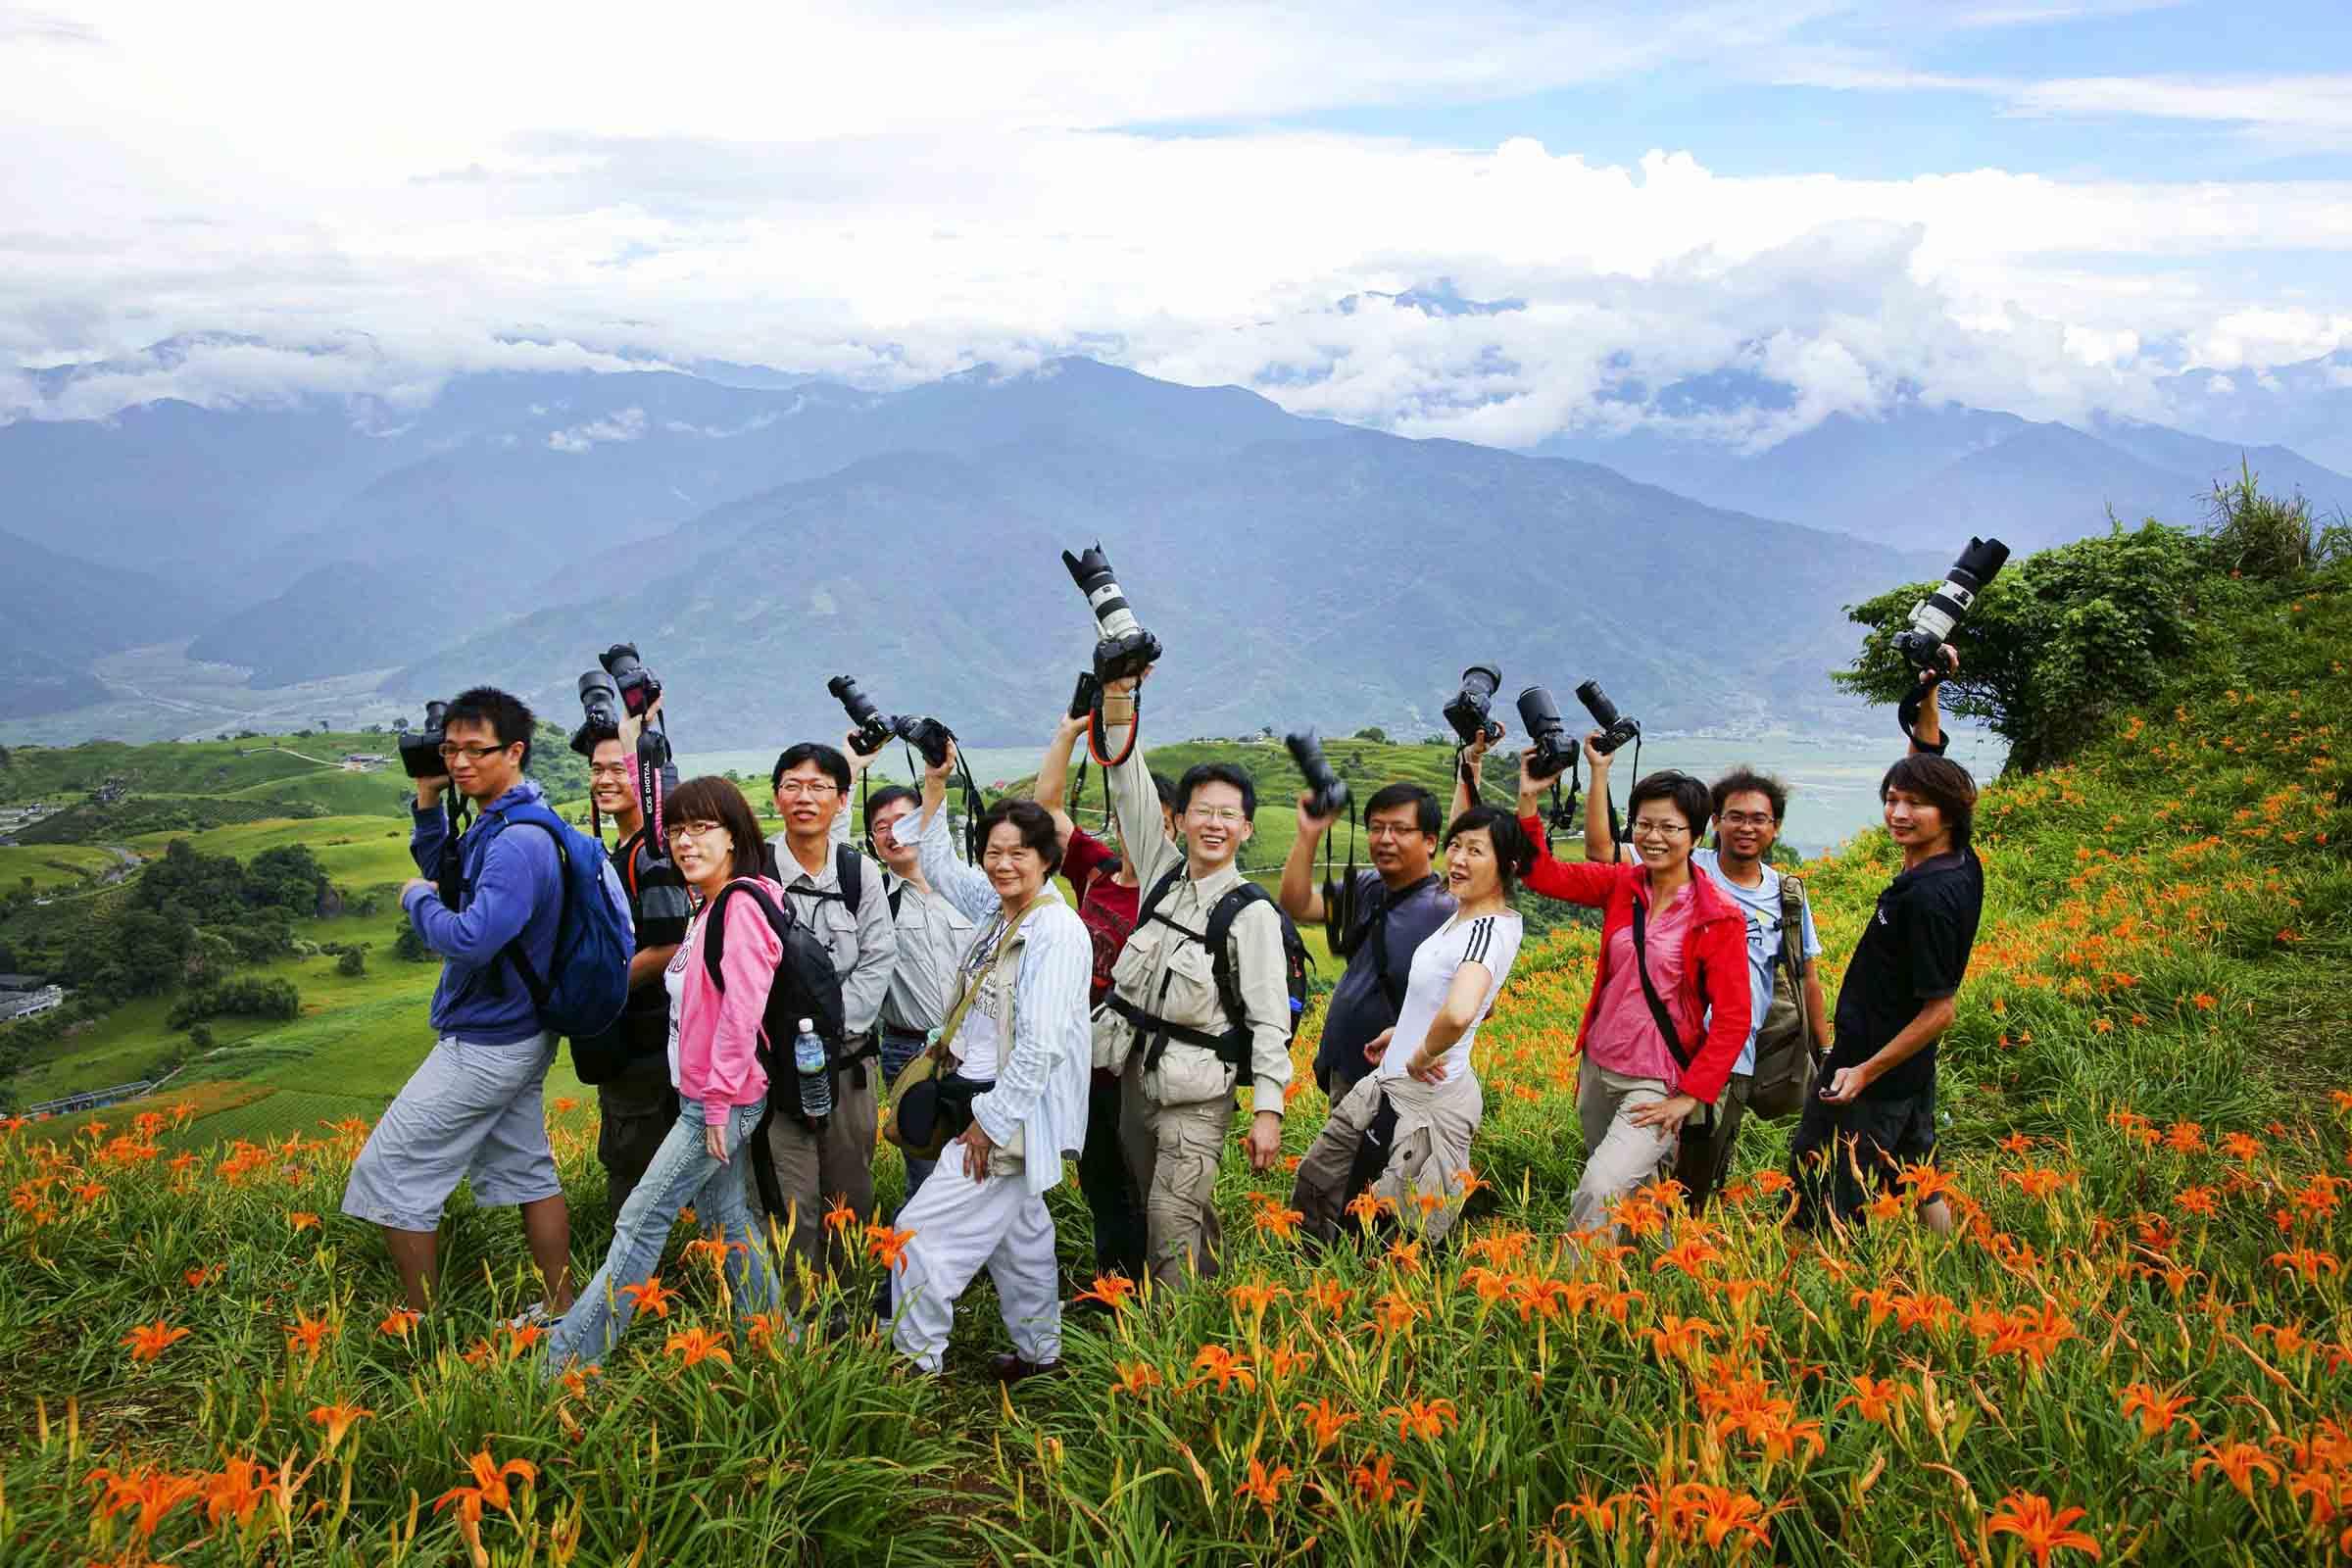 2010-8-22-紀老師攝影班花蓮六十石山團體合照-7.jpg